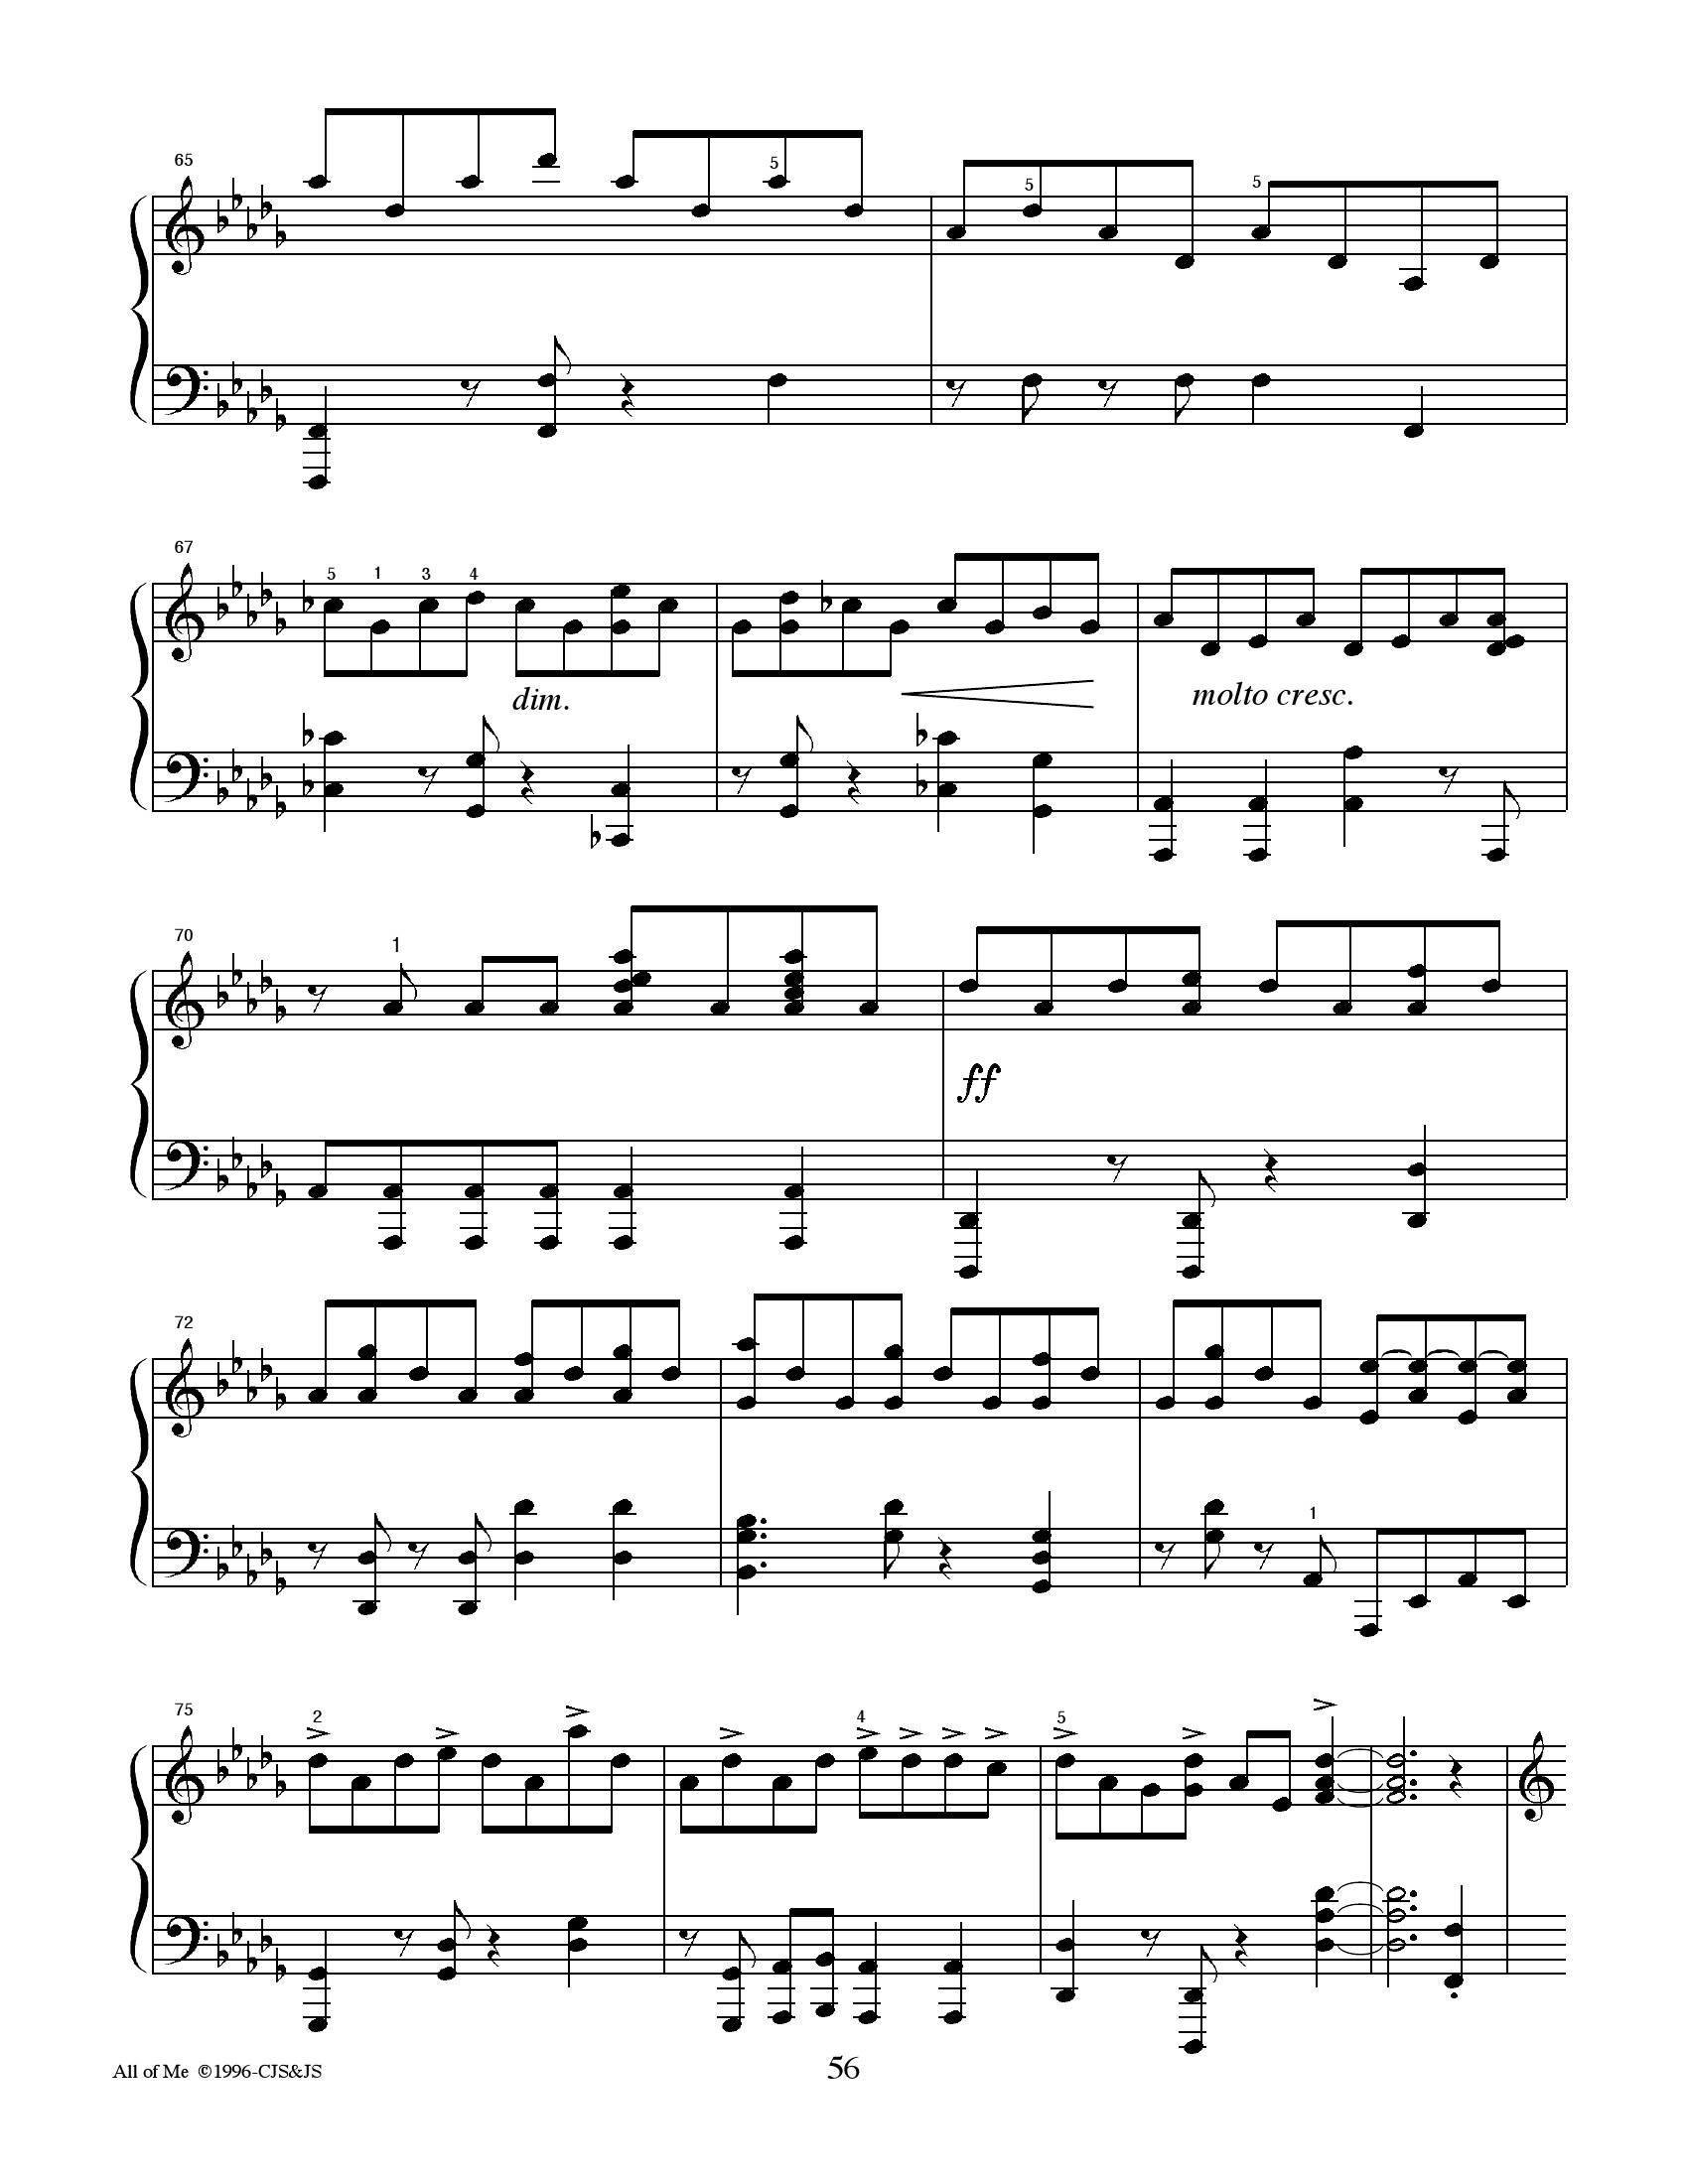 Jon schmit All of me6 - نت آهنگ All of me از Jon schmit